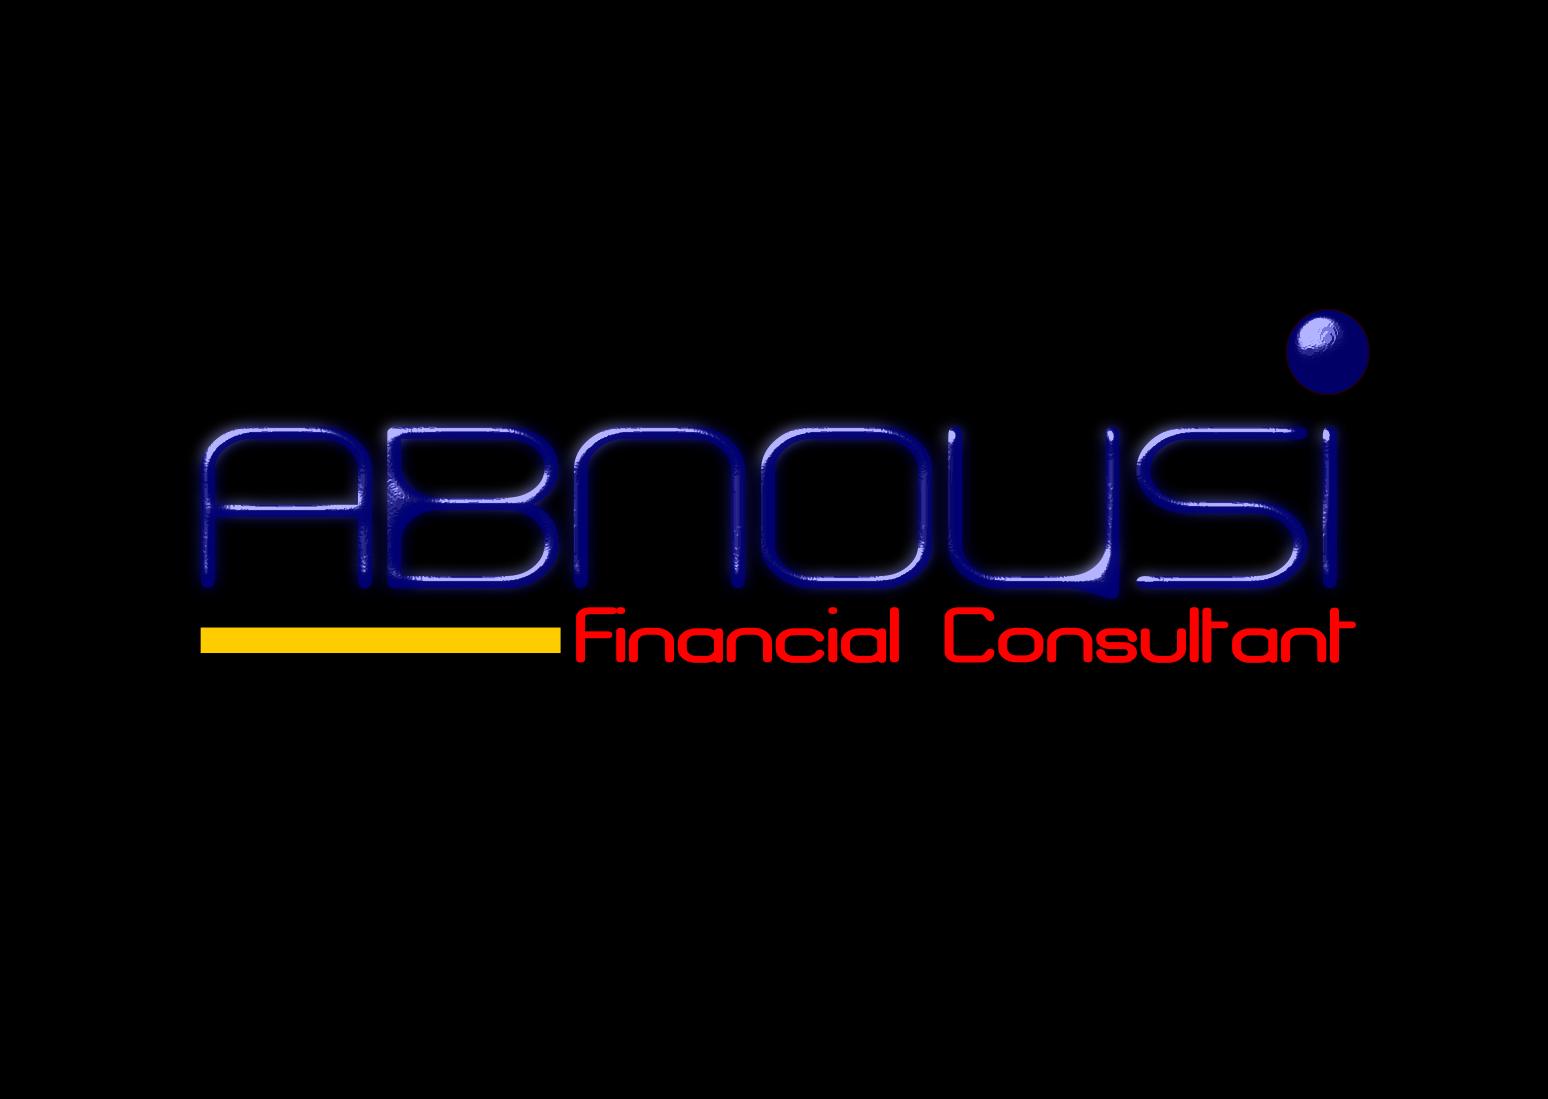 Logo Design by Joseph calunsag Cagaanan - Entry No. 52 in the Logo Design Contest Fun Logo Design for Abnousi Financial Consultants.